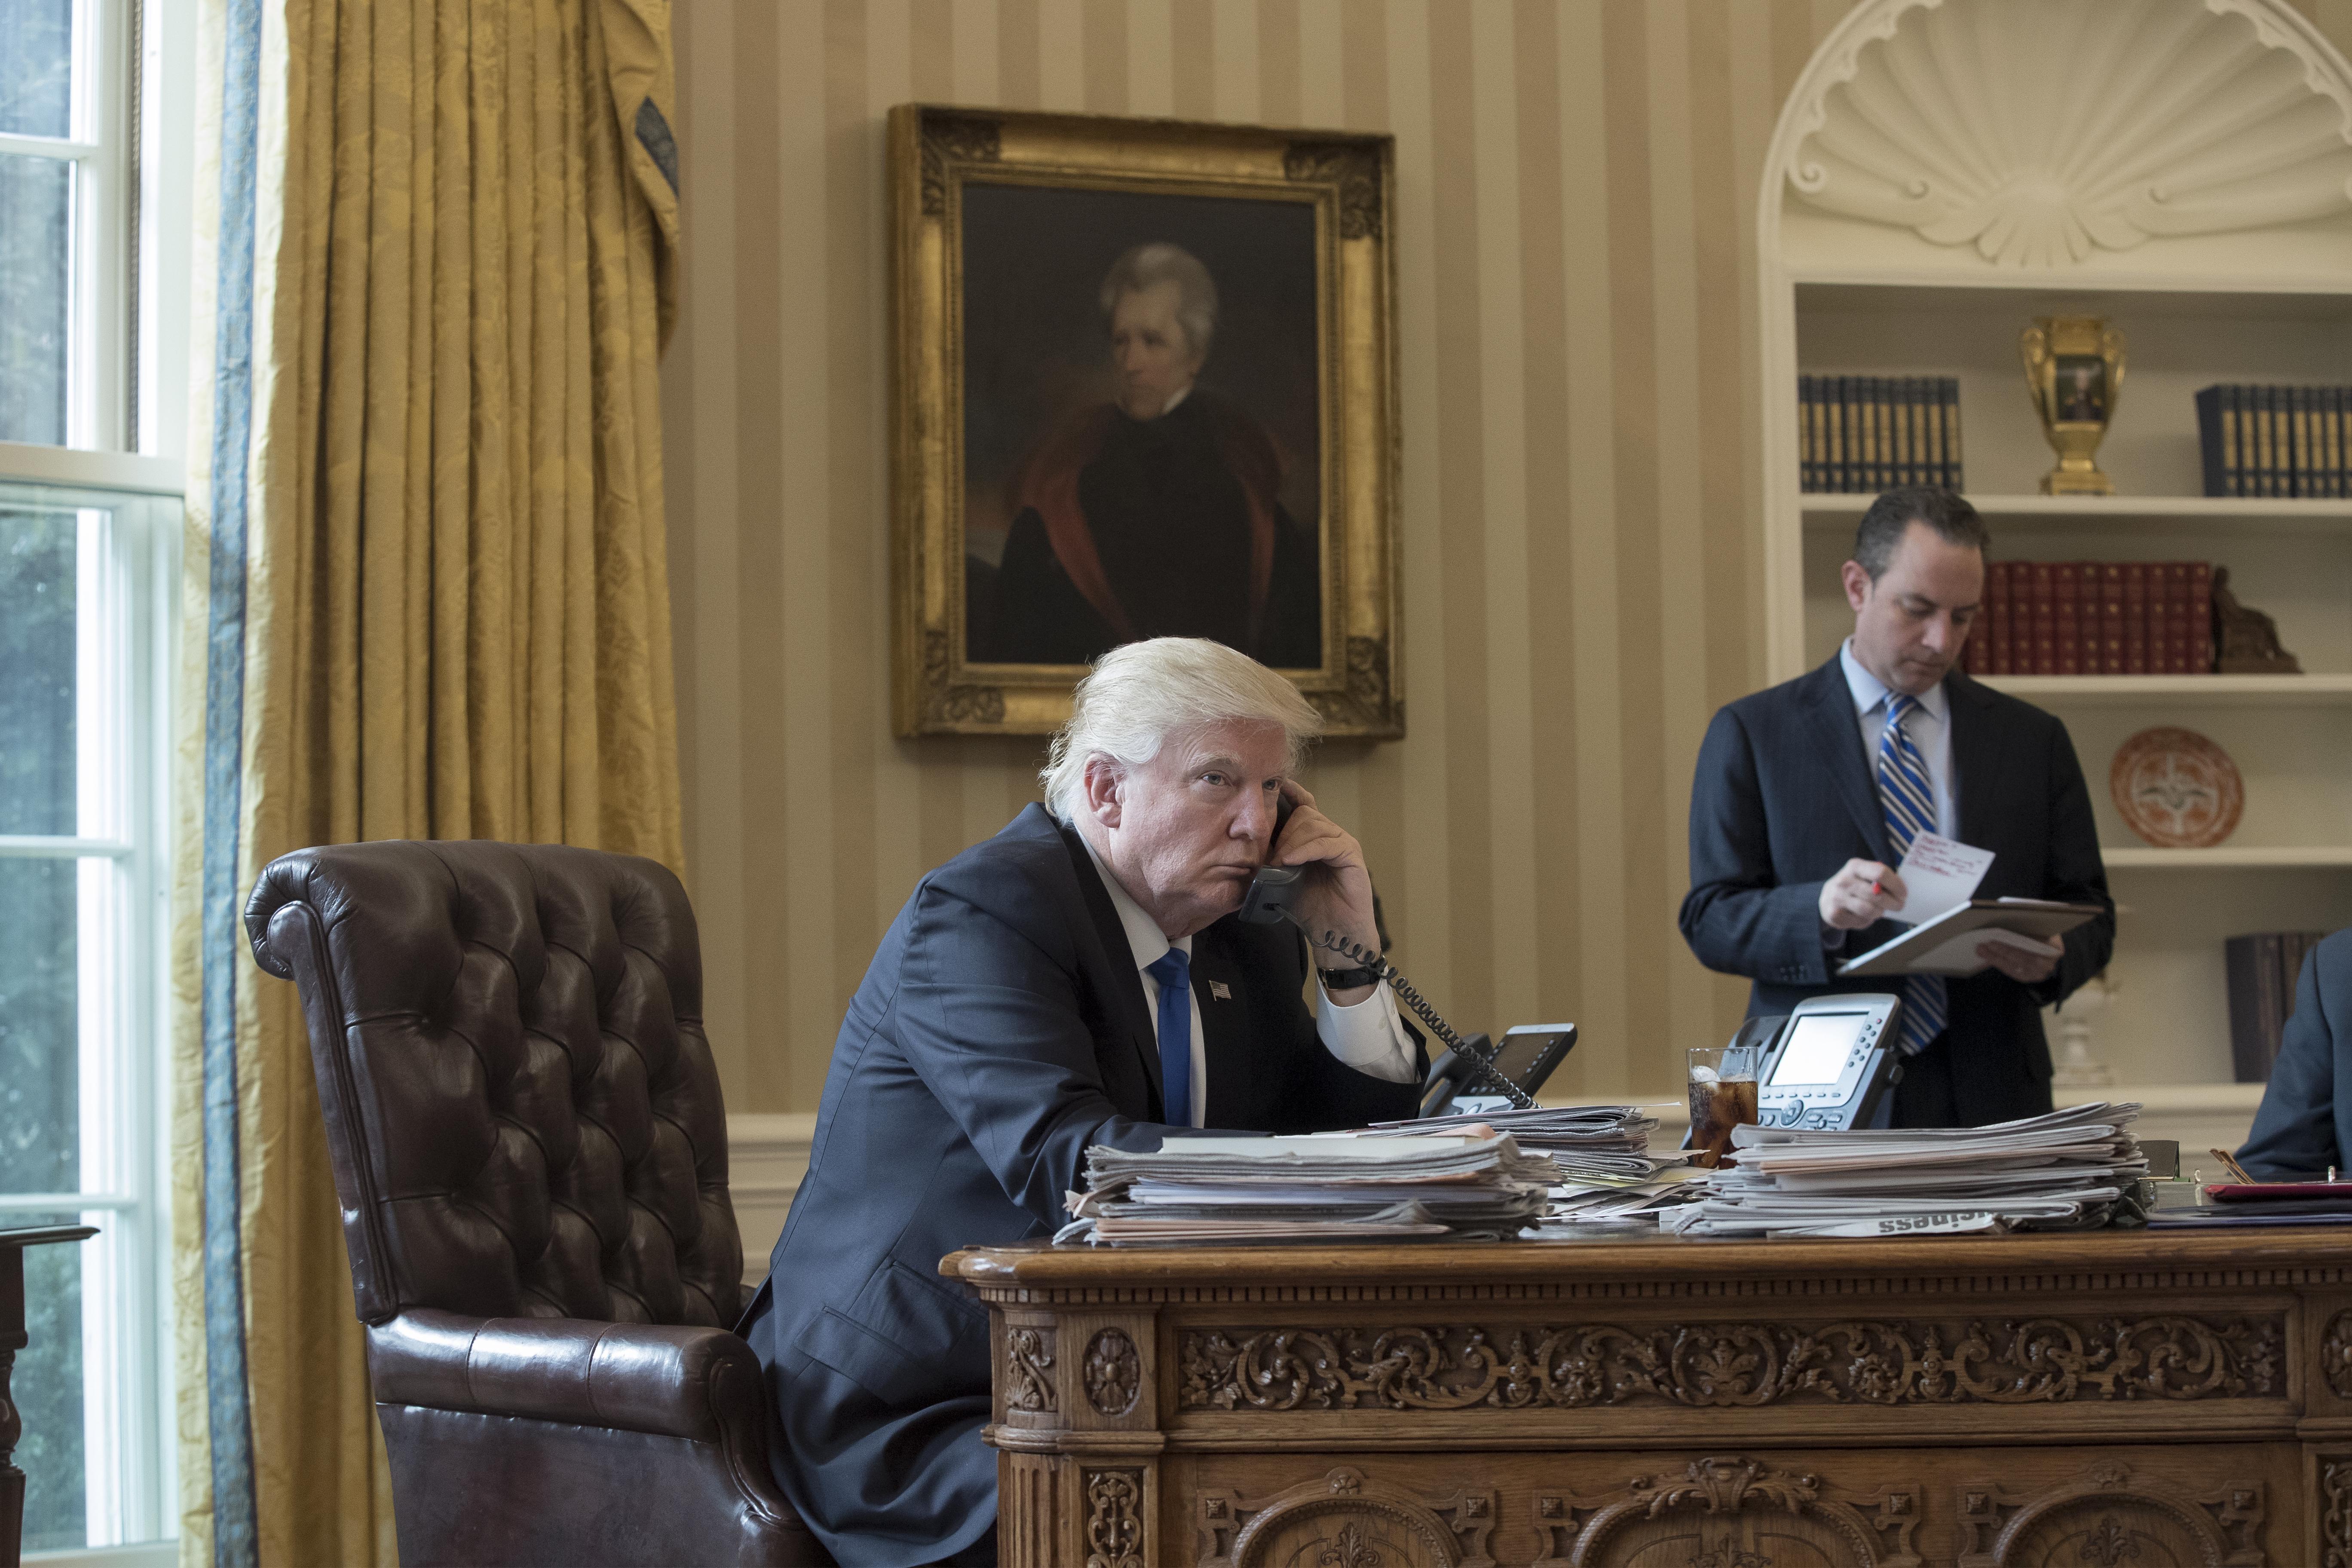 Дональд Трамп во время телефонного разговора с Владимиром Путиным. Фото: EPA